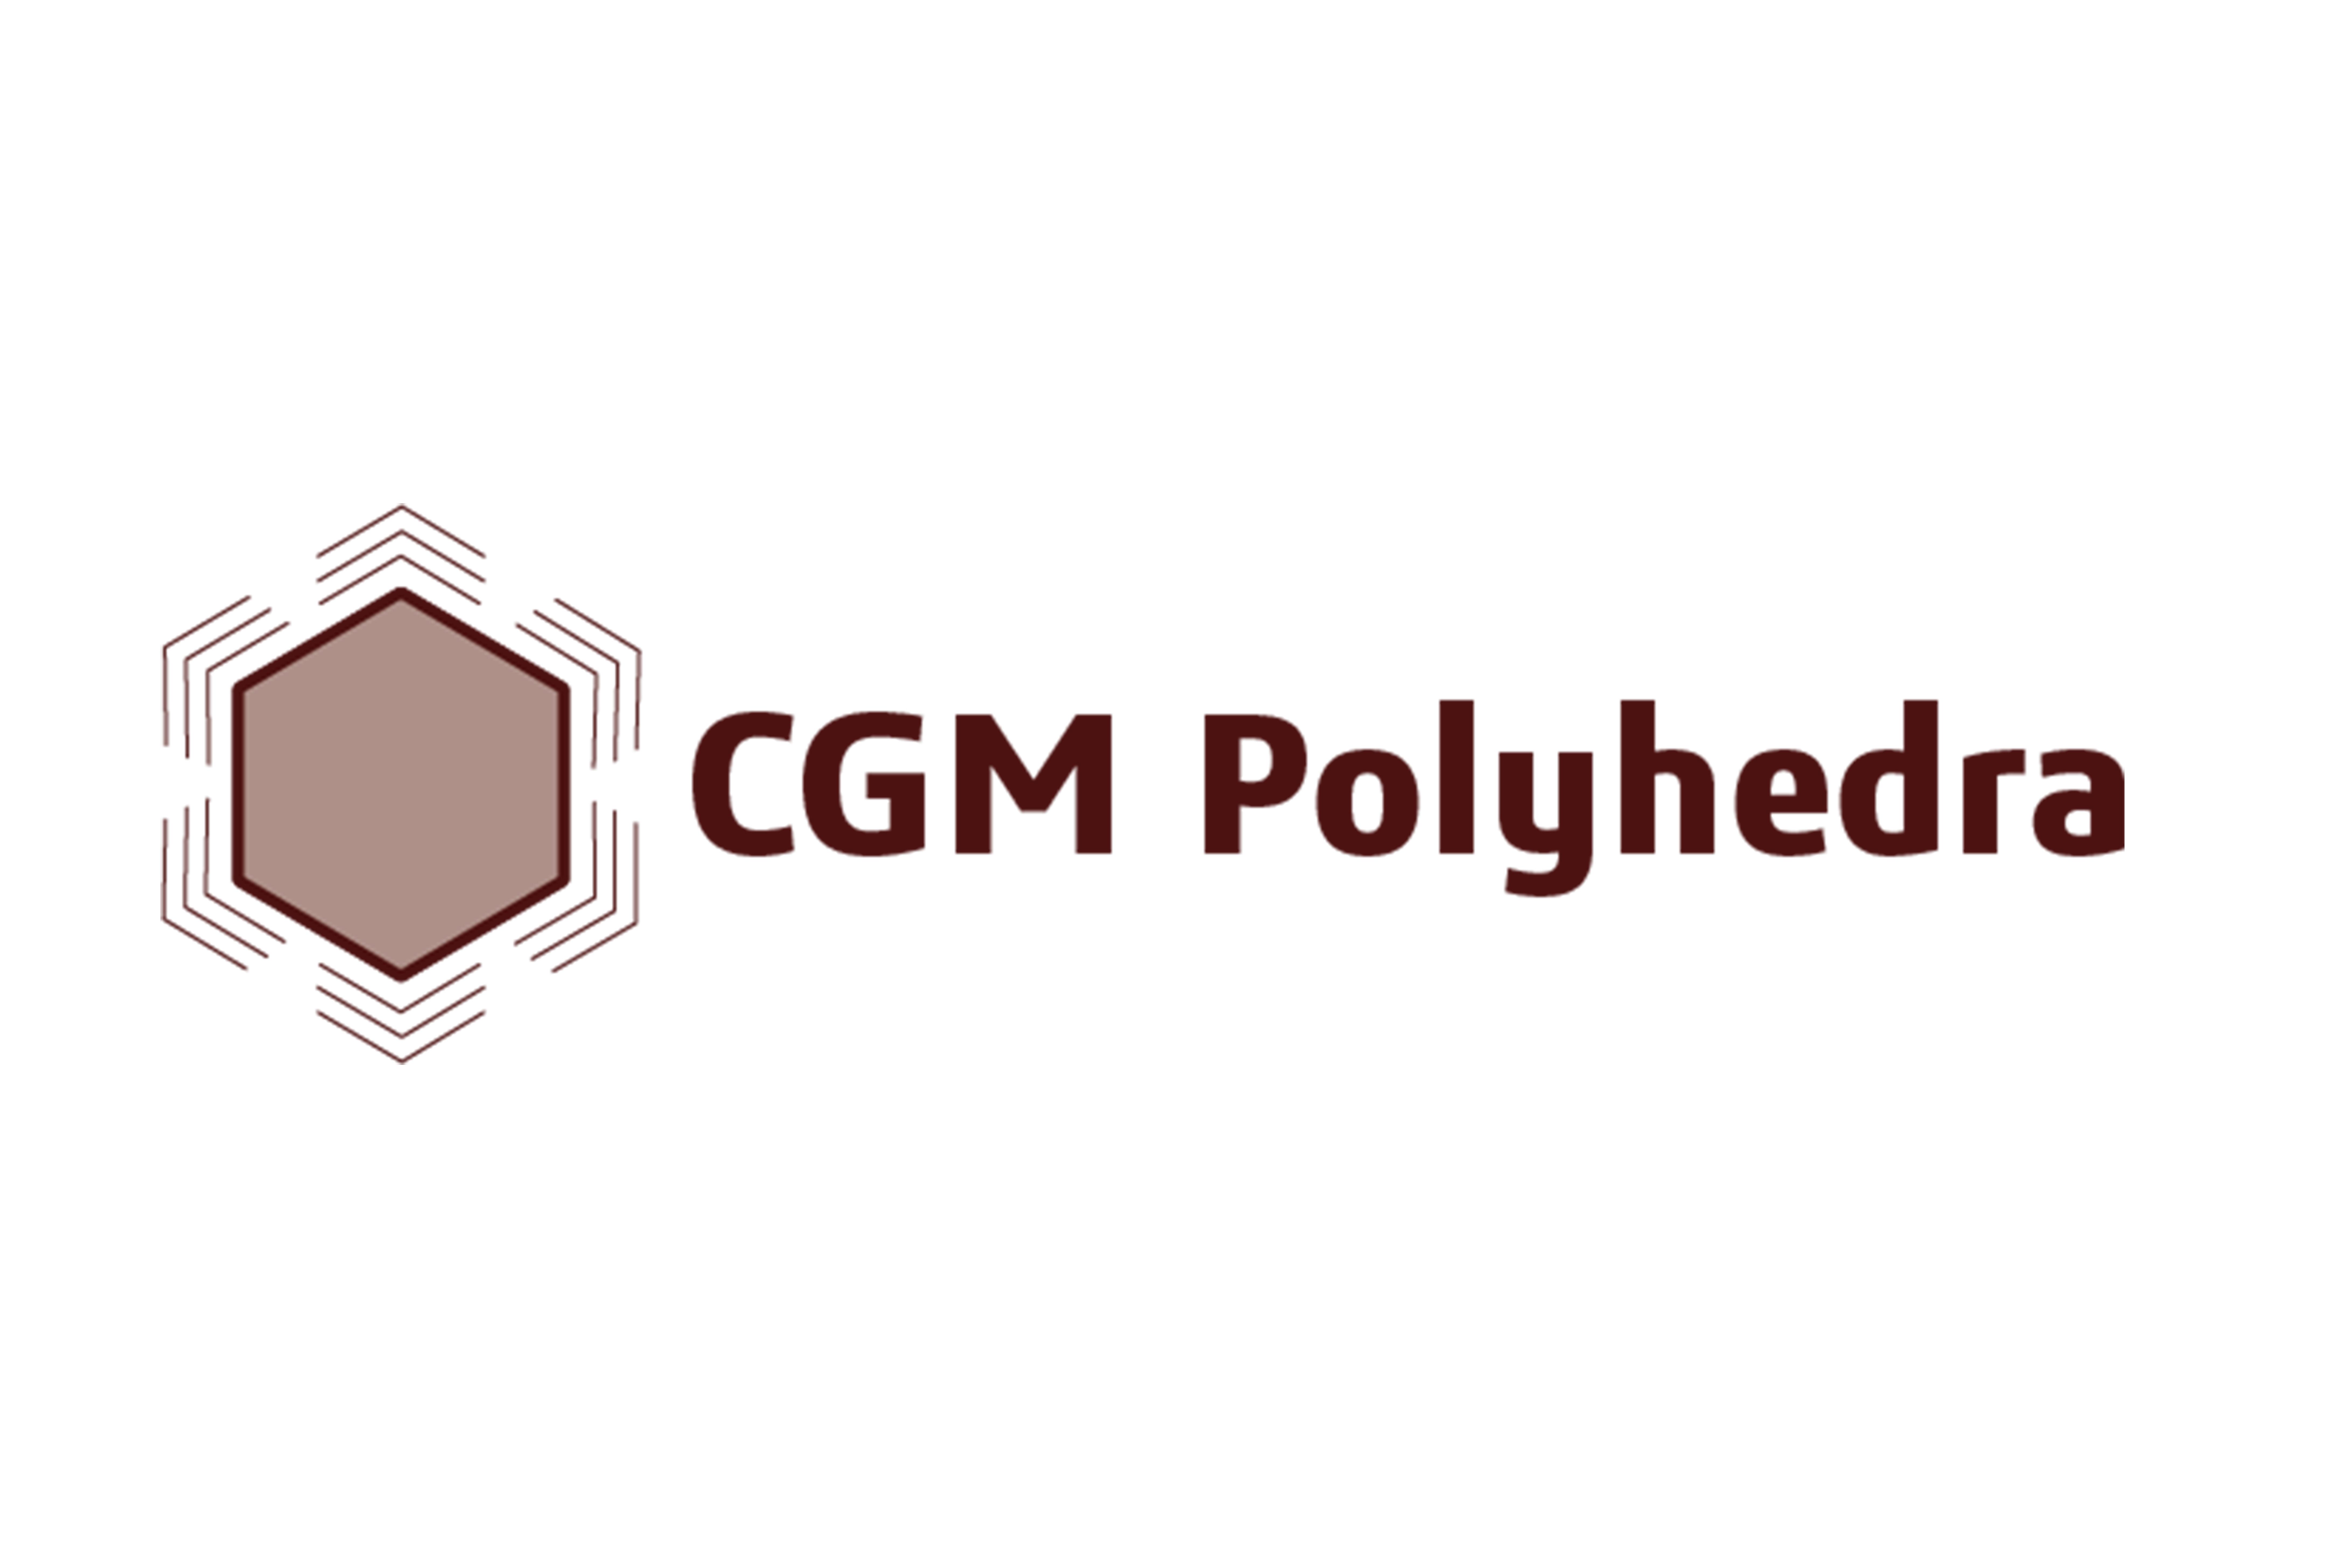 CGM Polyhedra